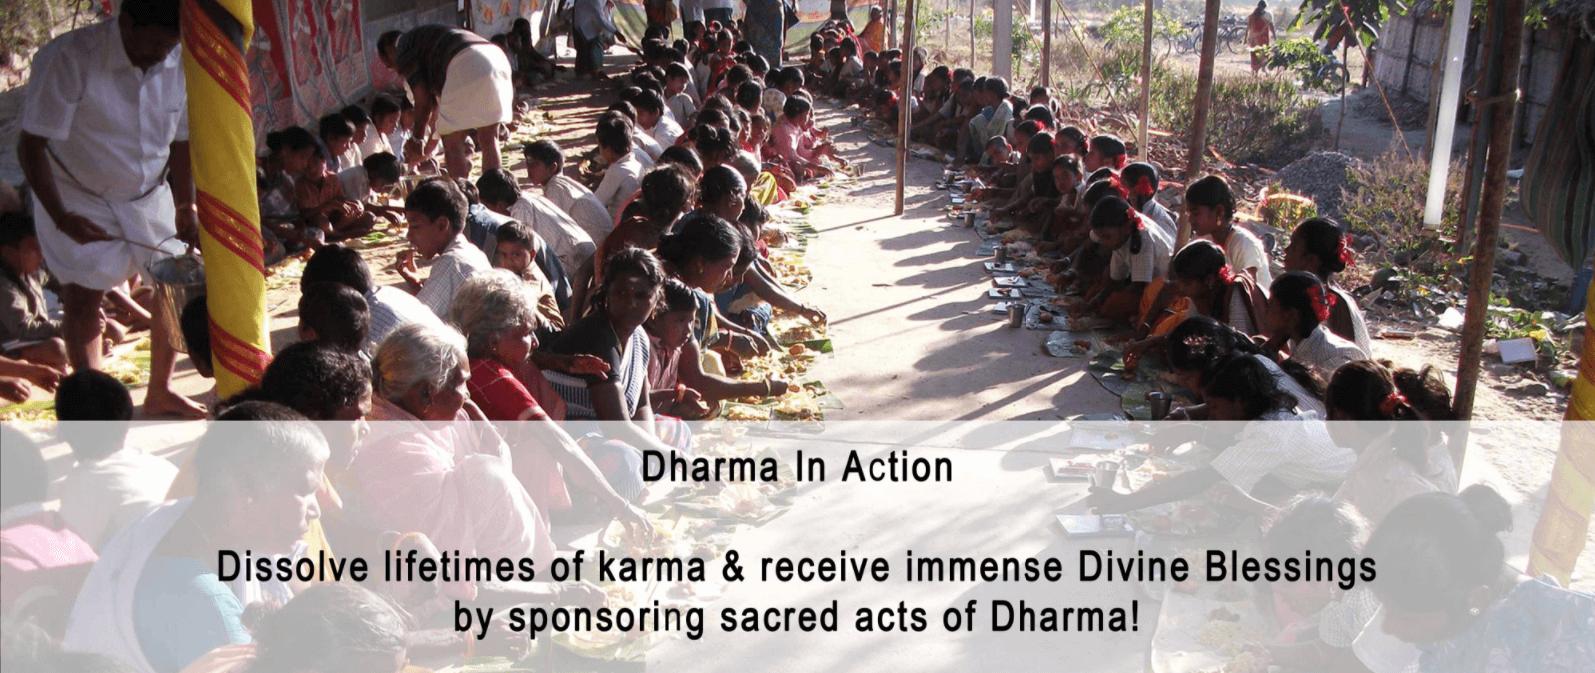 Annadharma dissolves karma